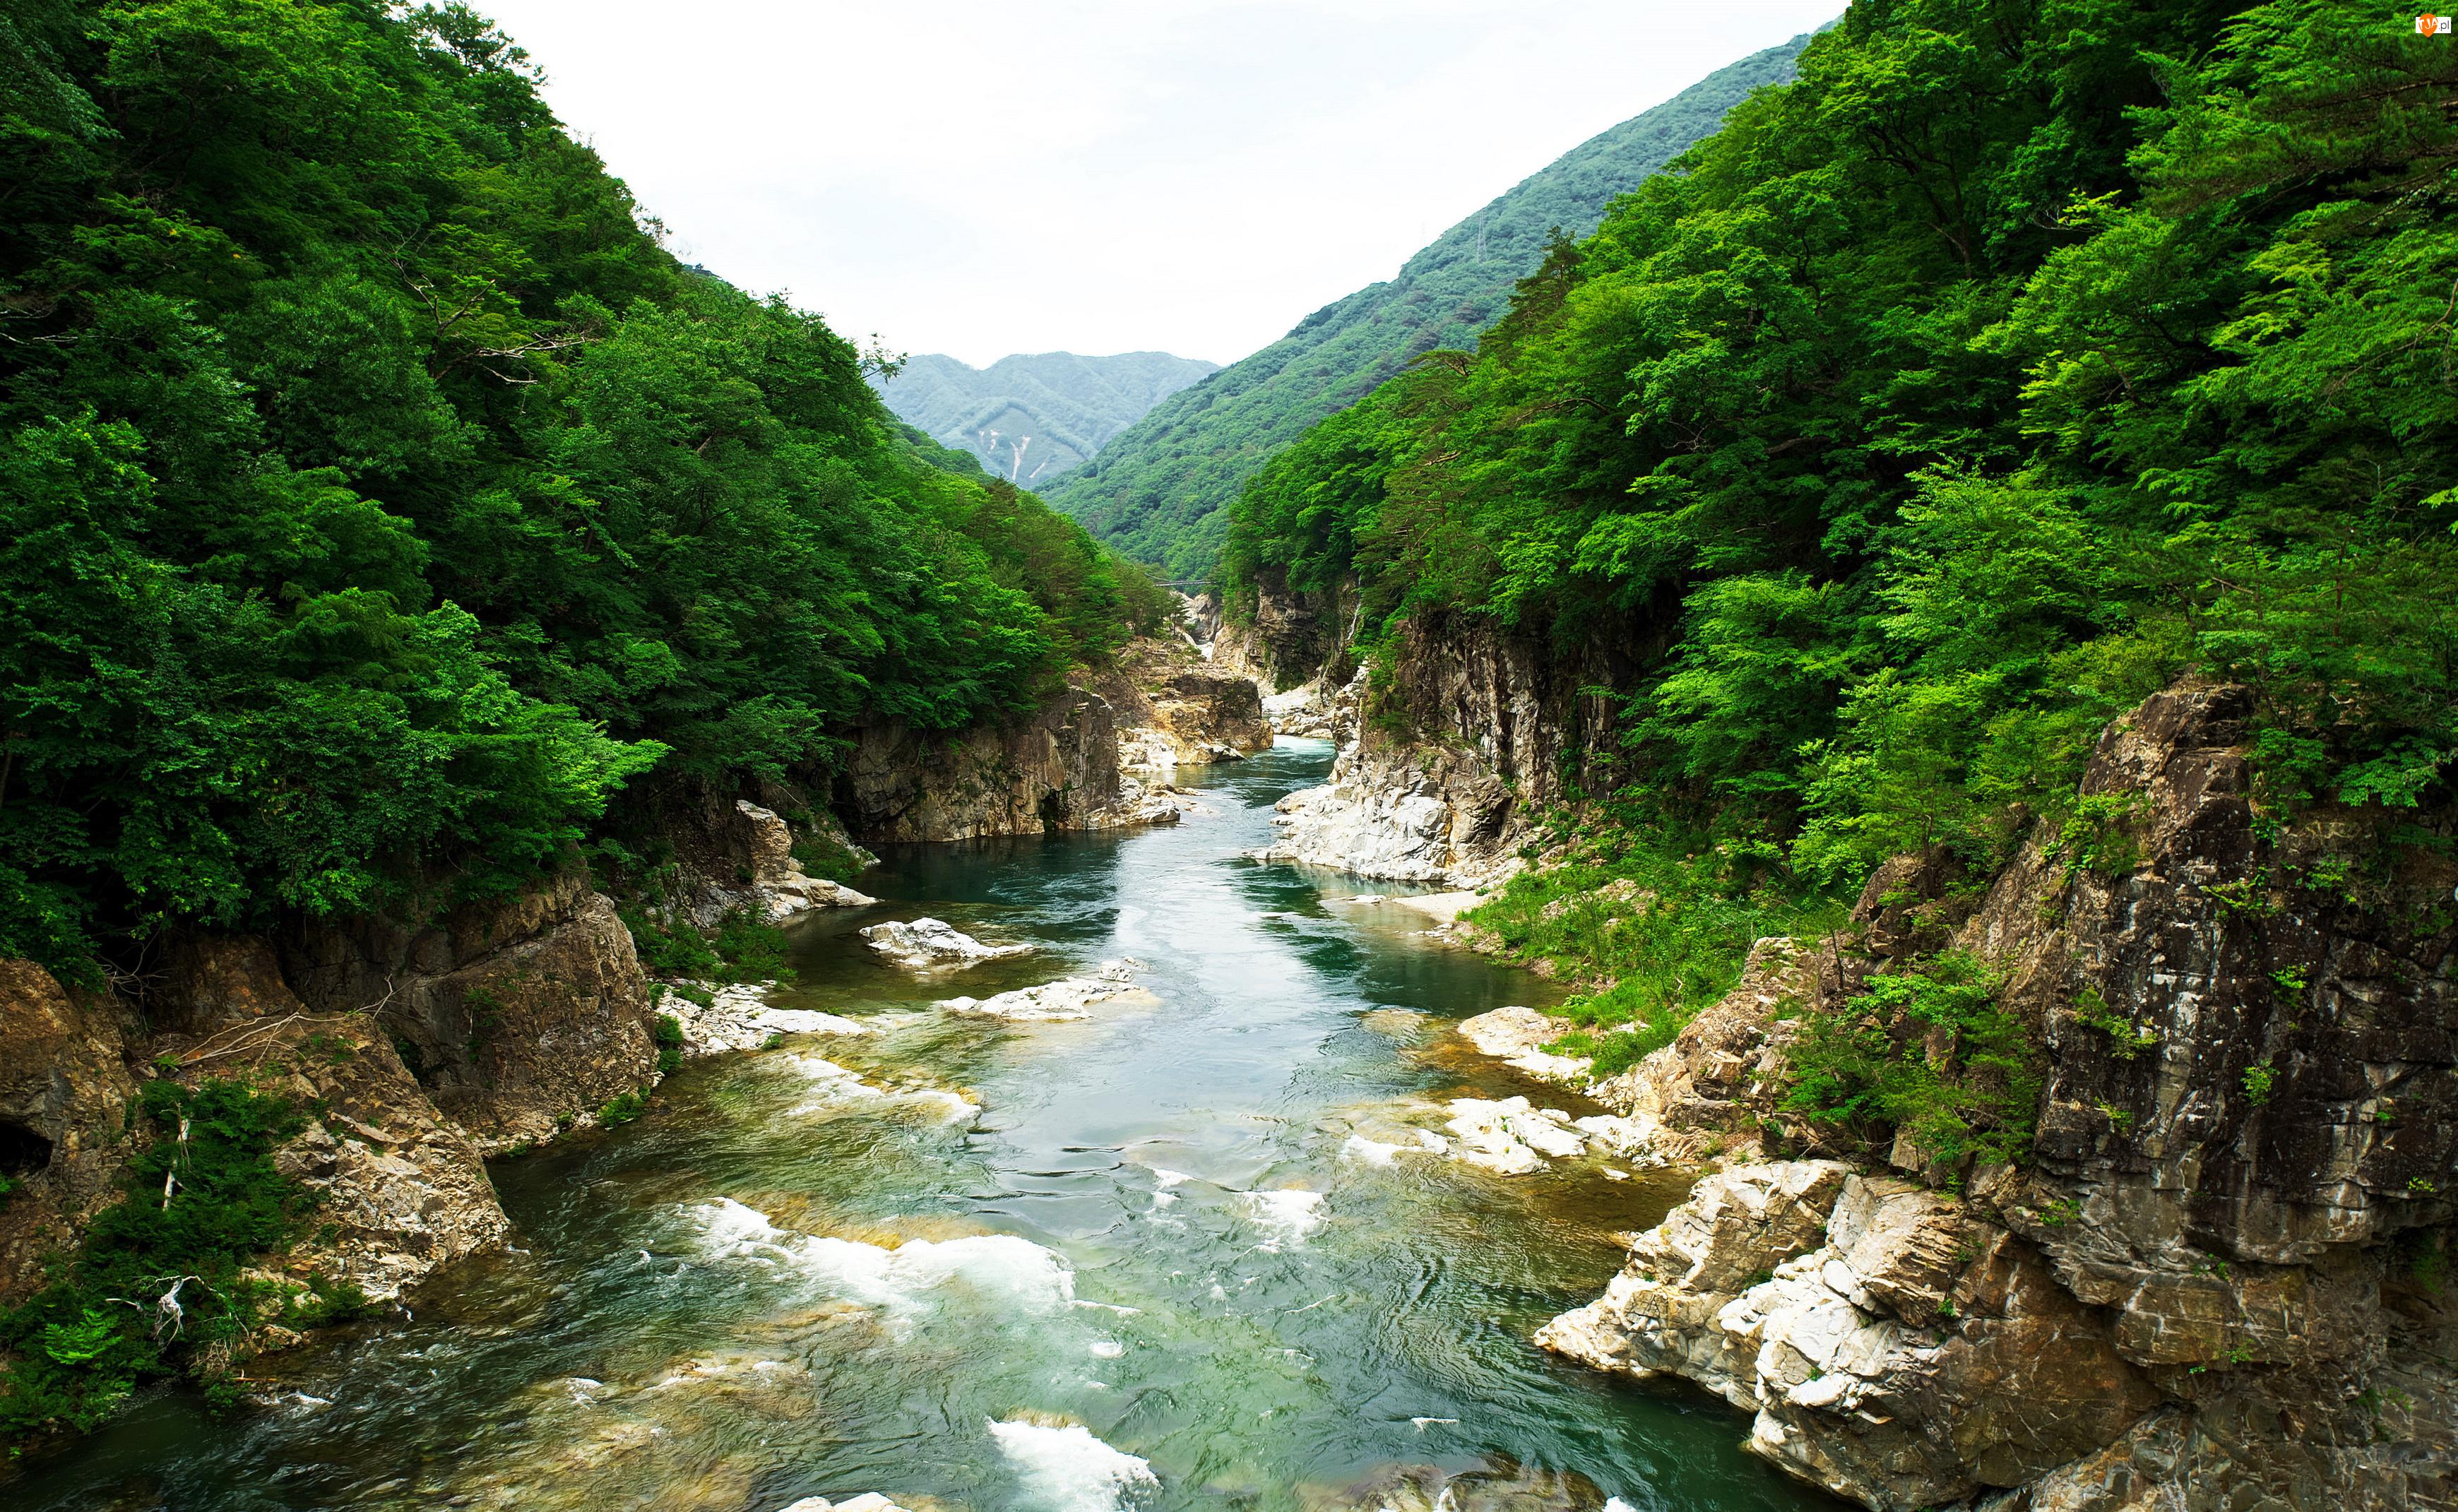 Drzewa, Rzeka, Wyspa Honsiu, Japonia, Góry, Park Narodowy Nikkō, Kamienie